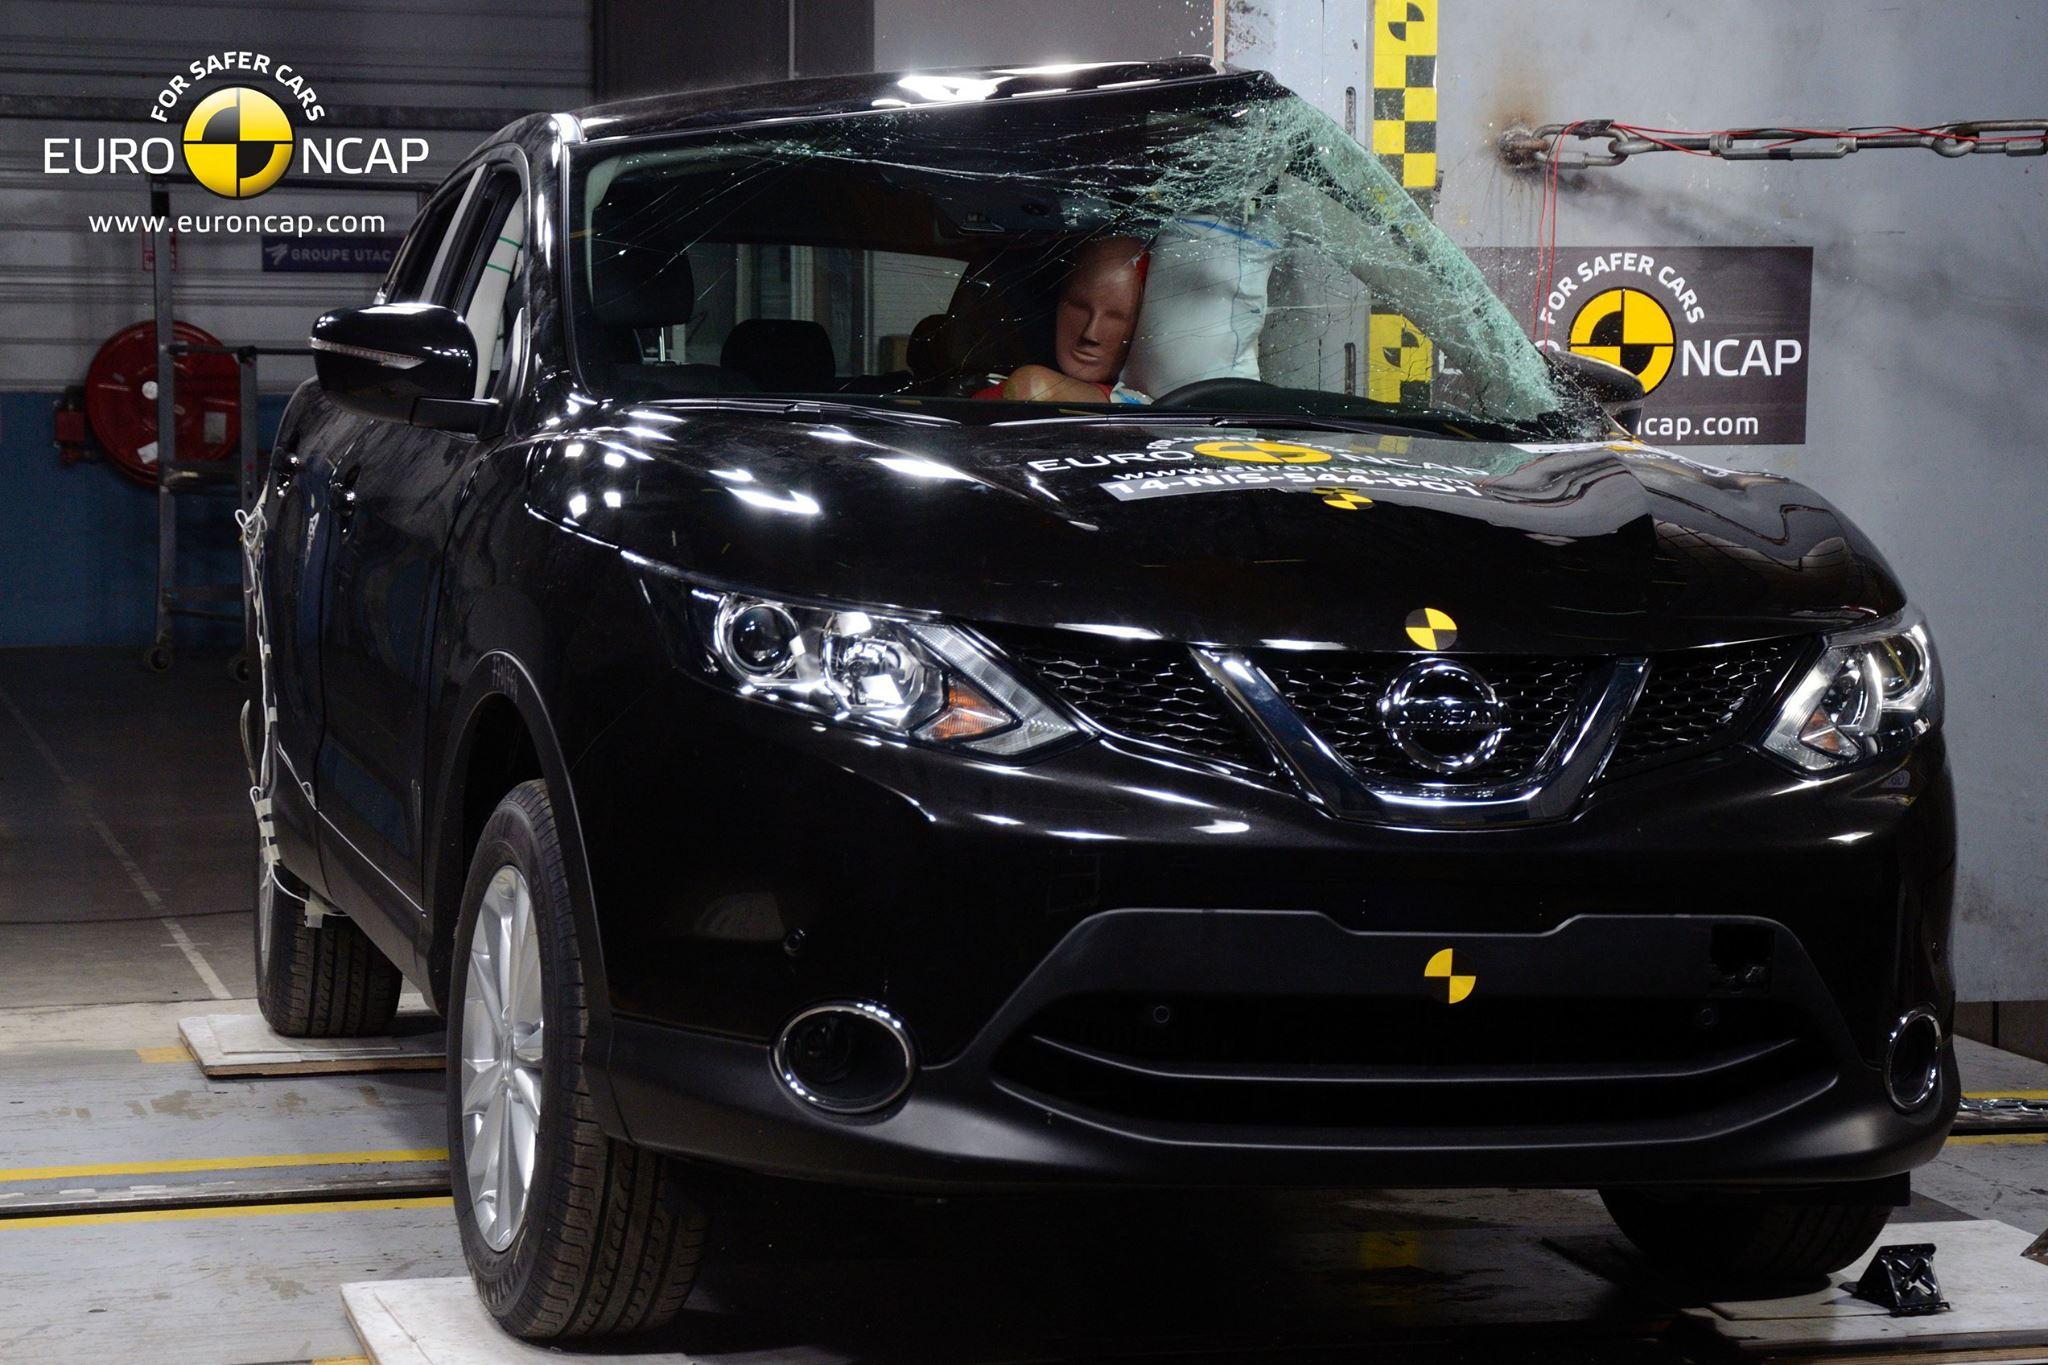 Nissan Qashqai - Crash Test EuroNCAP 2014